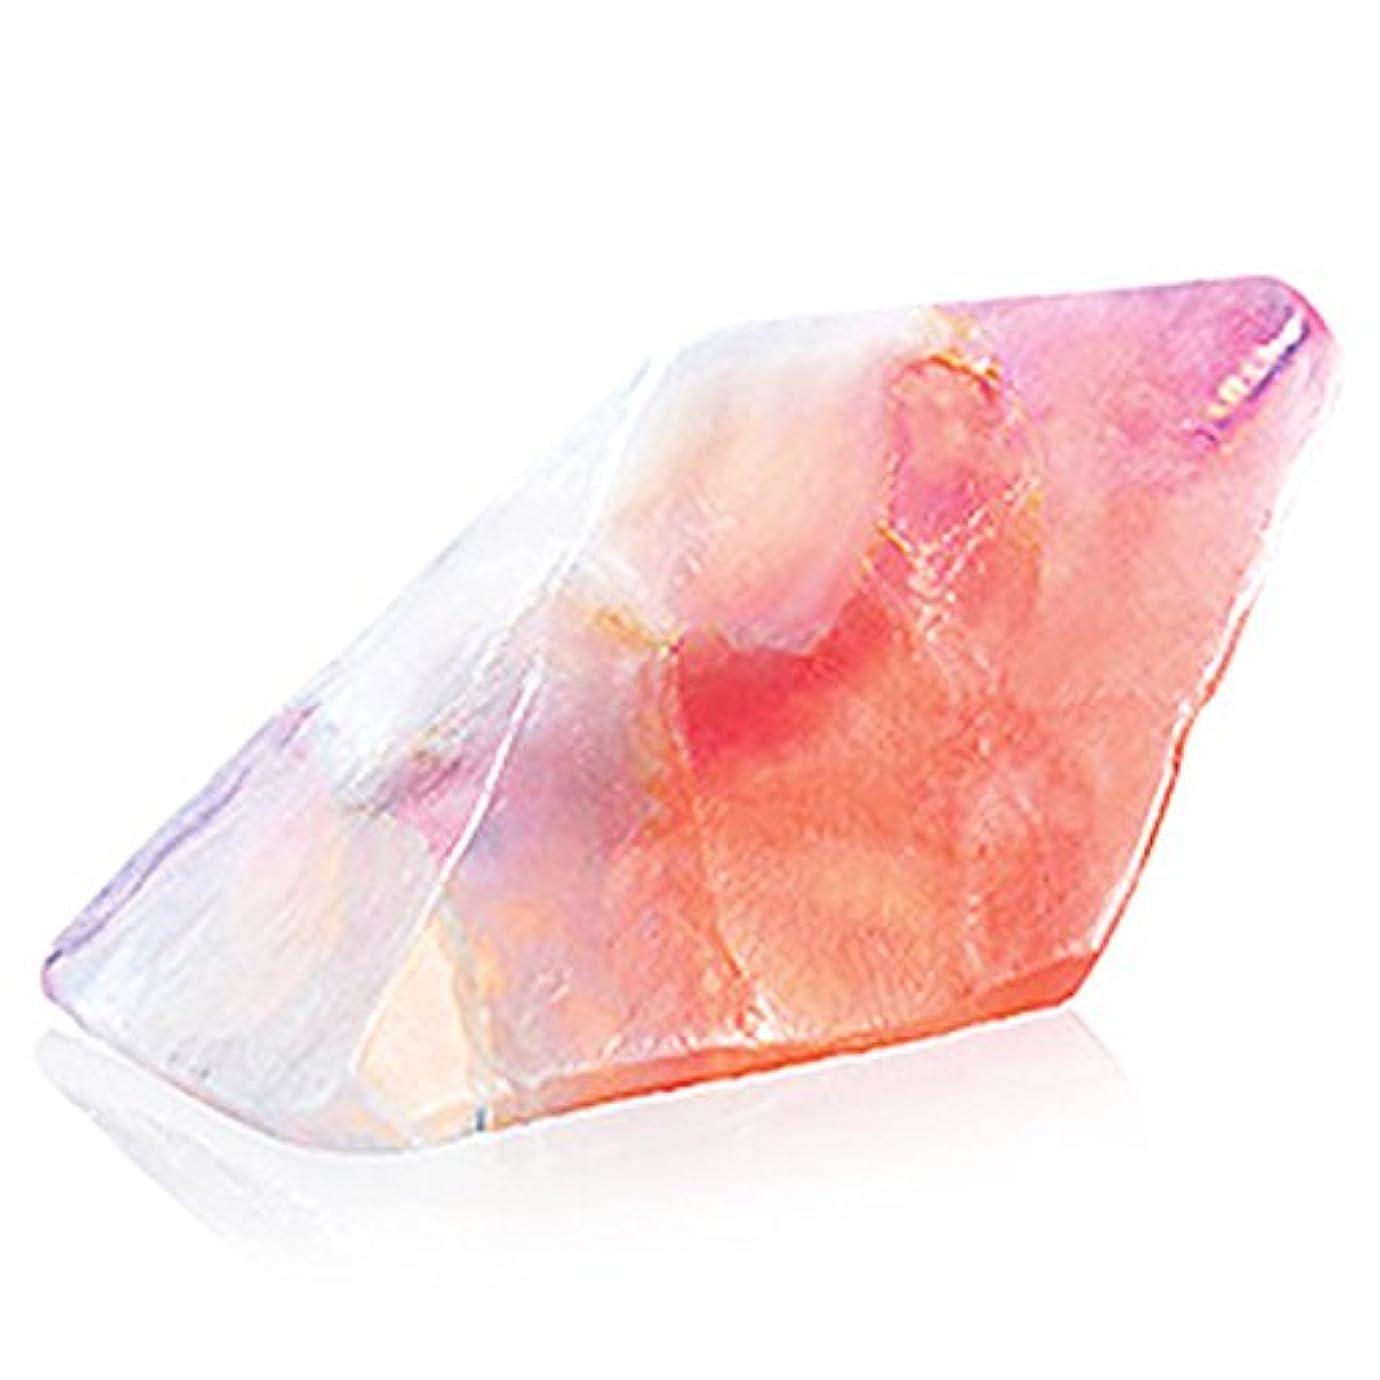 シュリンクビバ小売Savons Gemme サボンジェム 世界で一番美しい宝石石鹸 フレグランス ソープ ローズクォーツ ミニ 114g